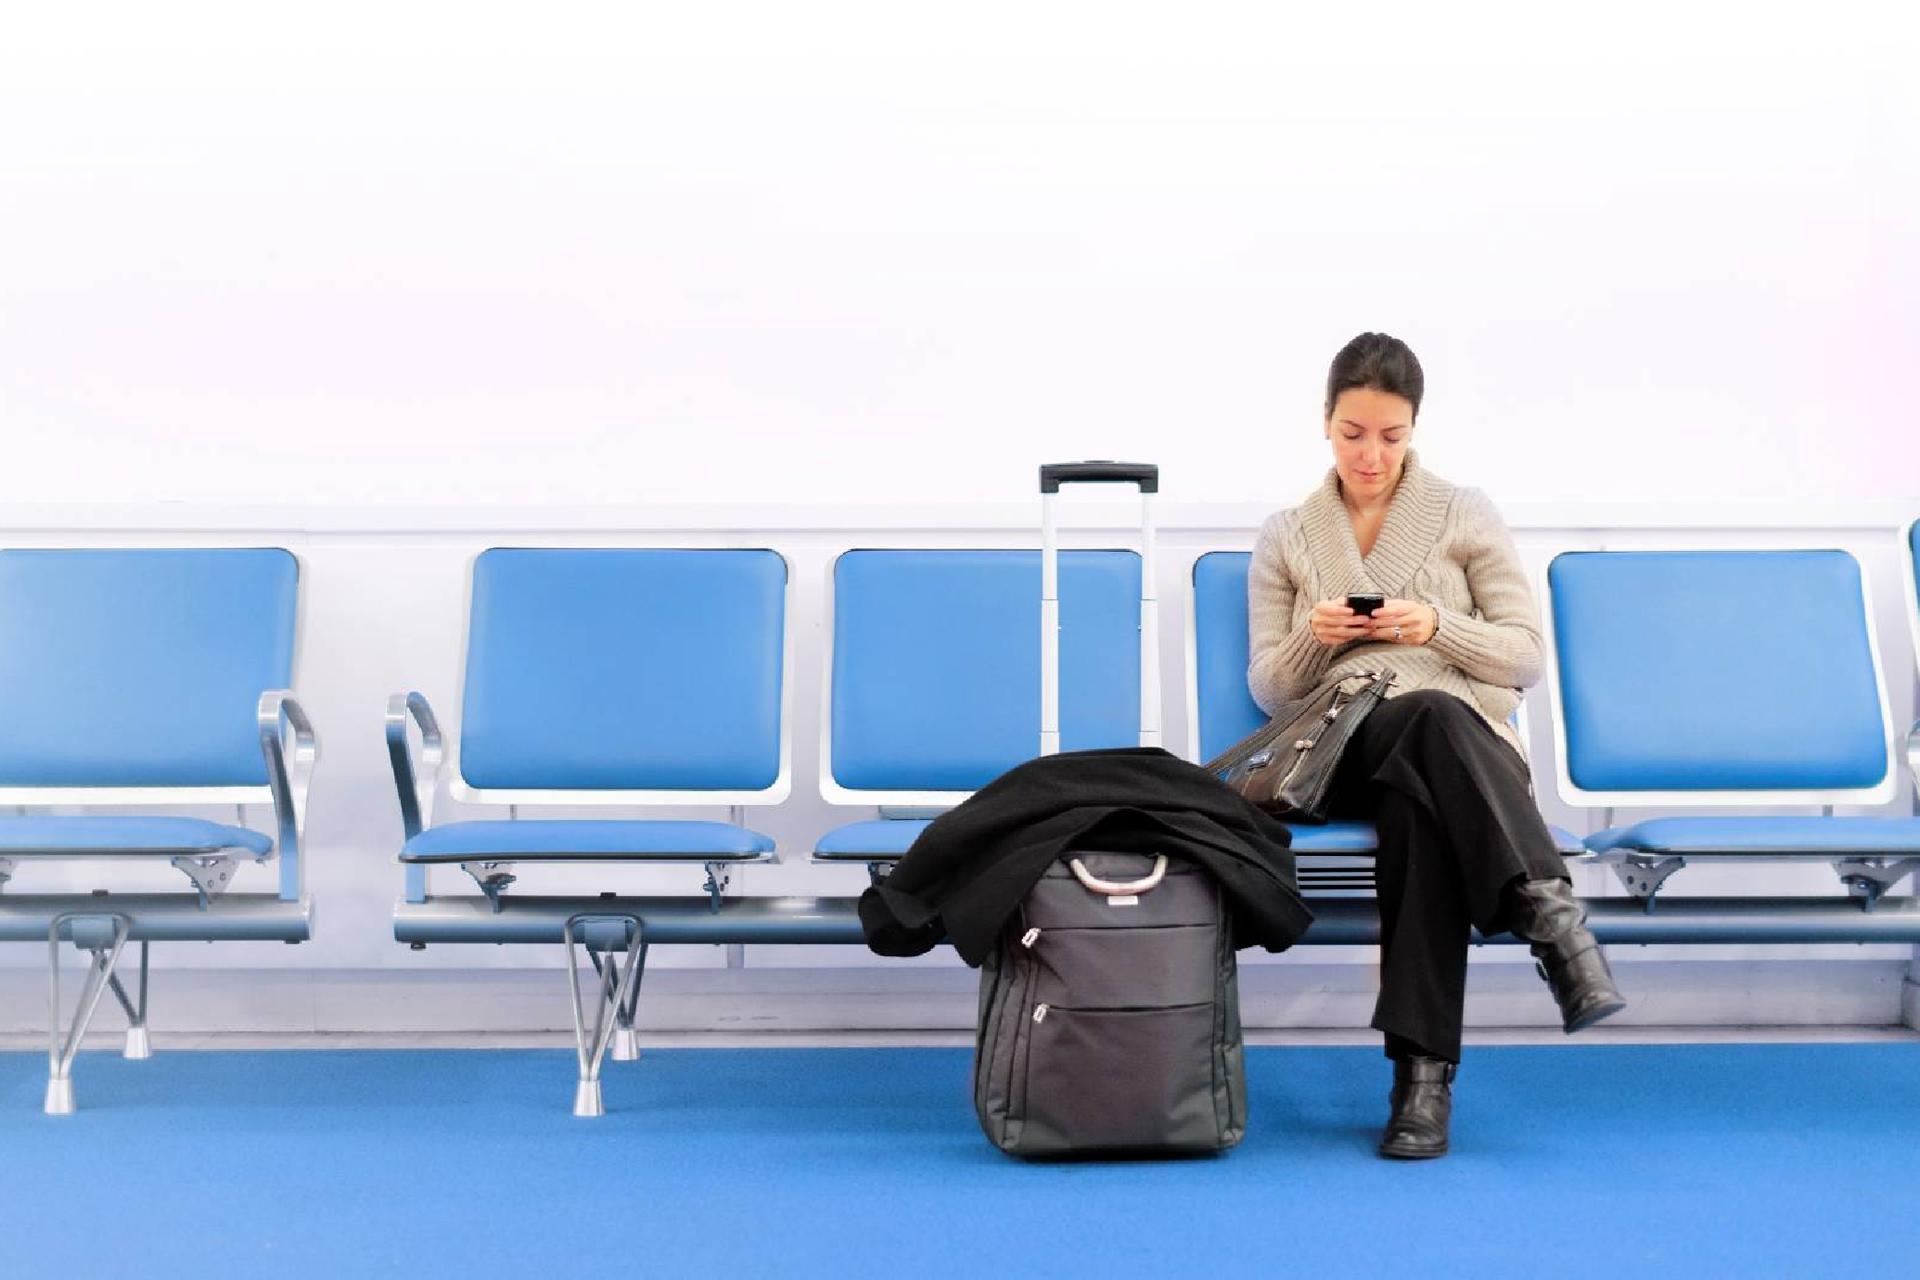 Tele2 составила рейтинг активности абонентов в аэропортах и вокзалах столицы